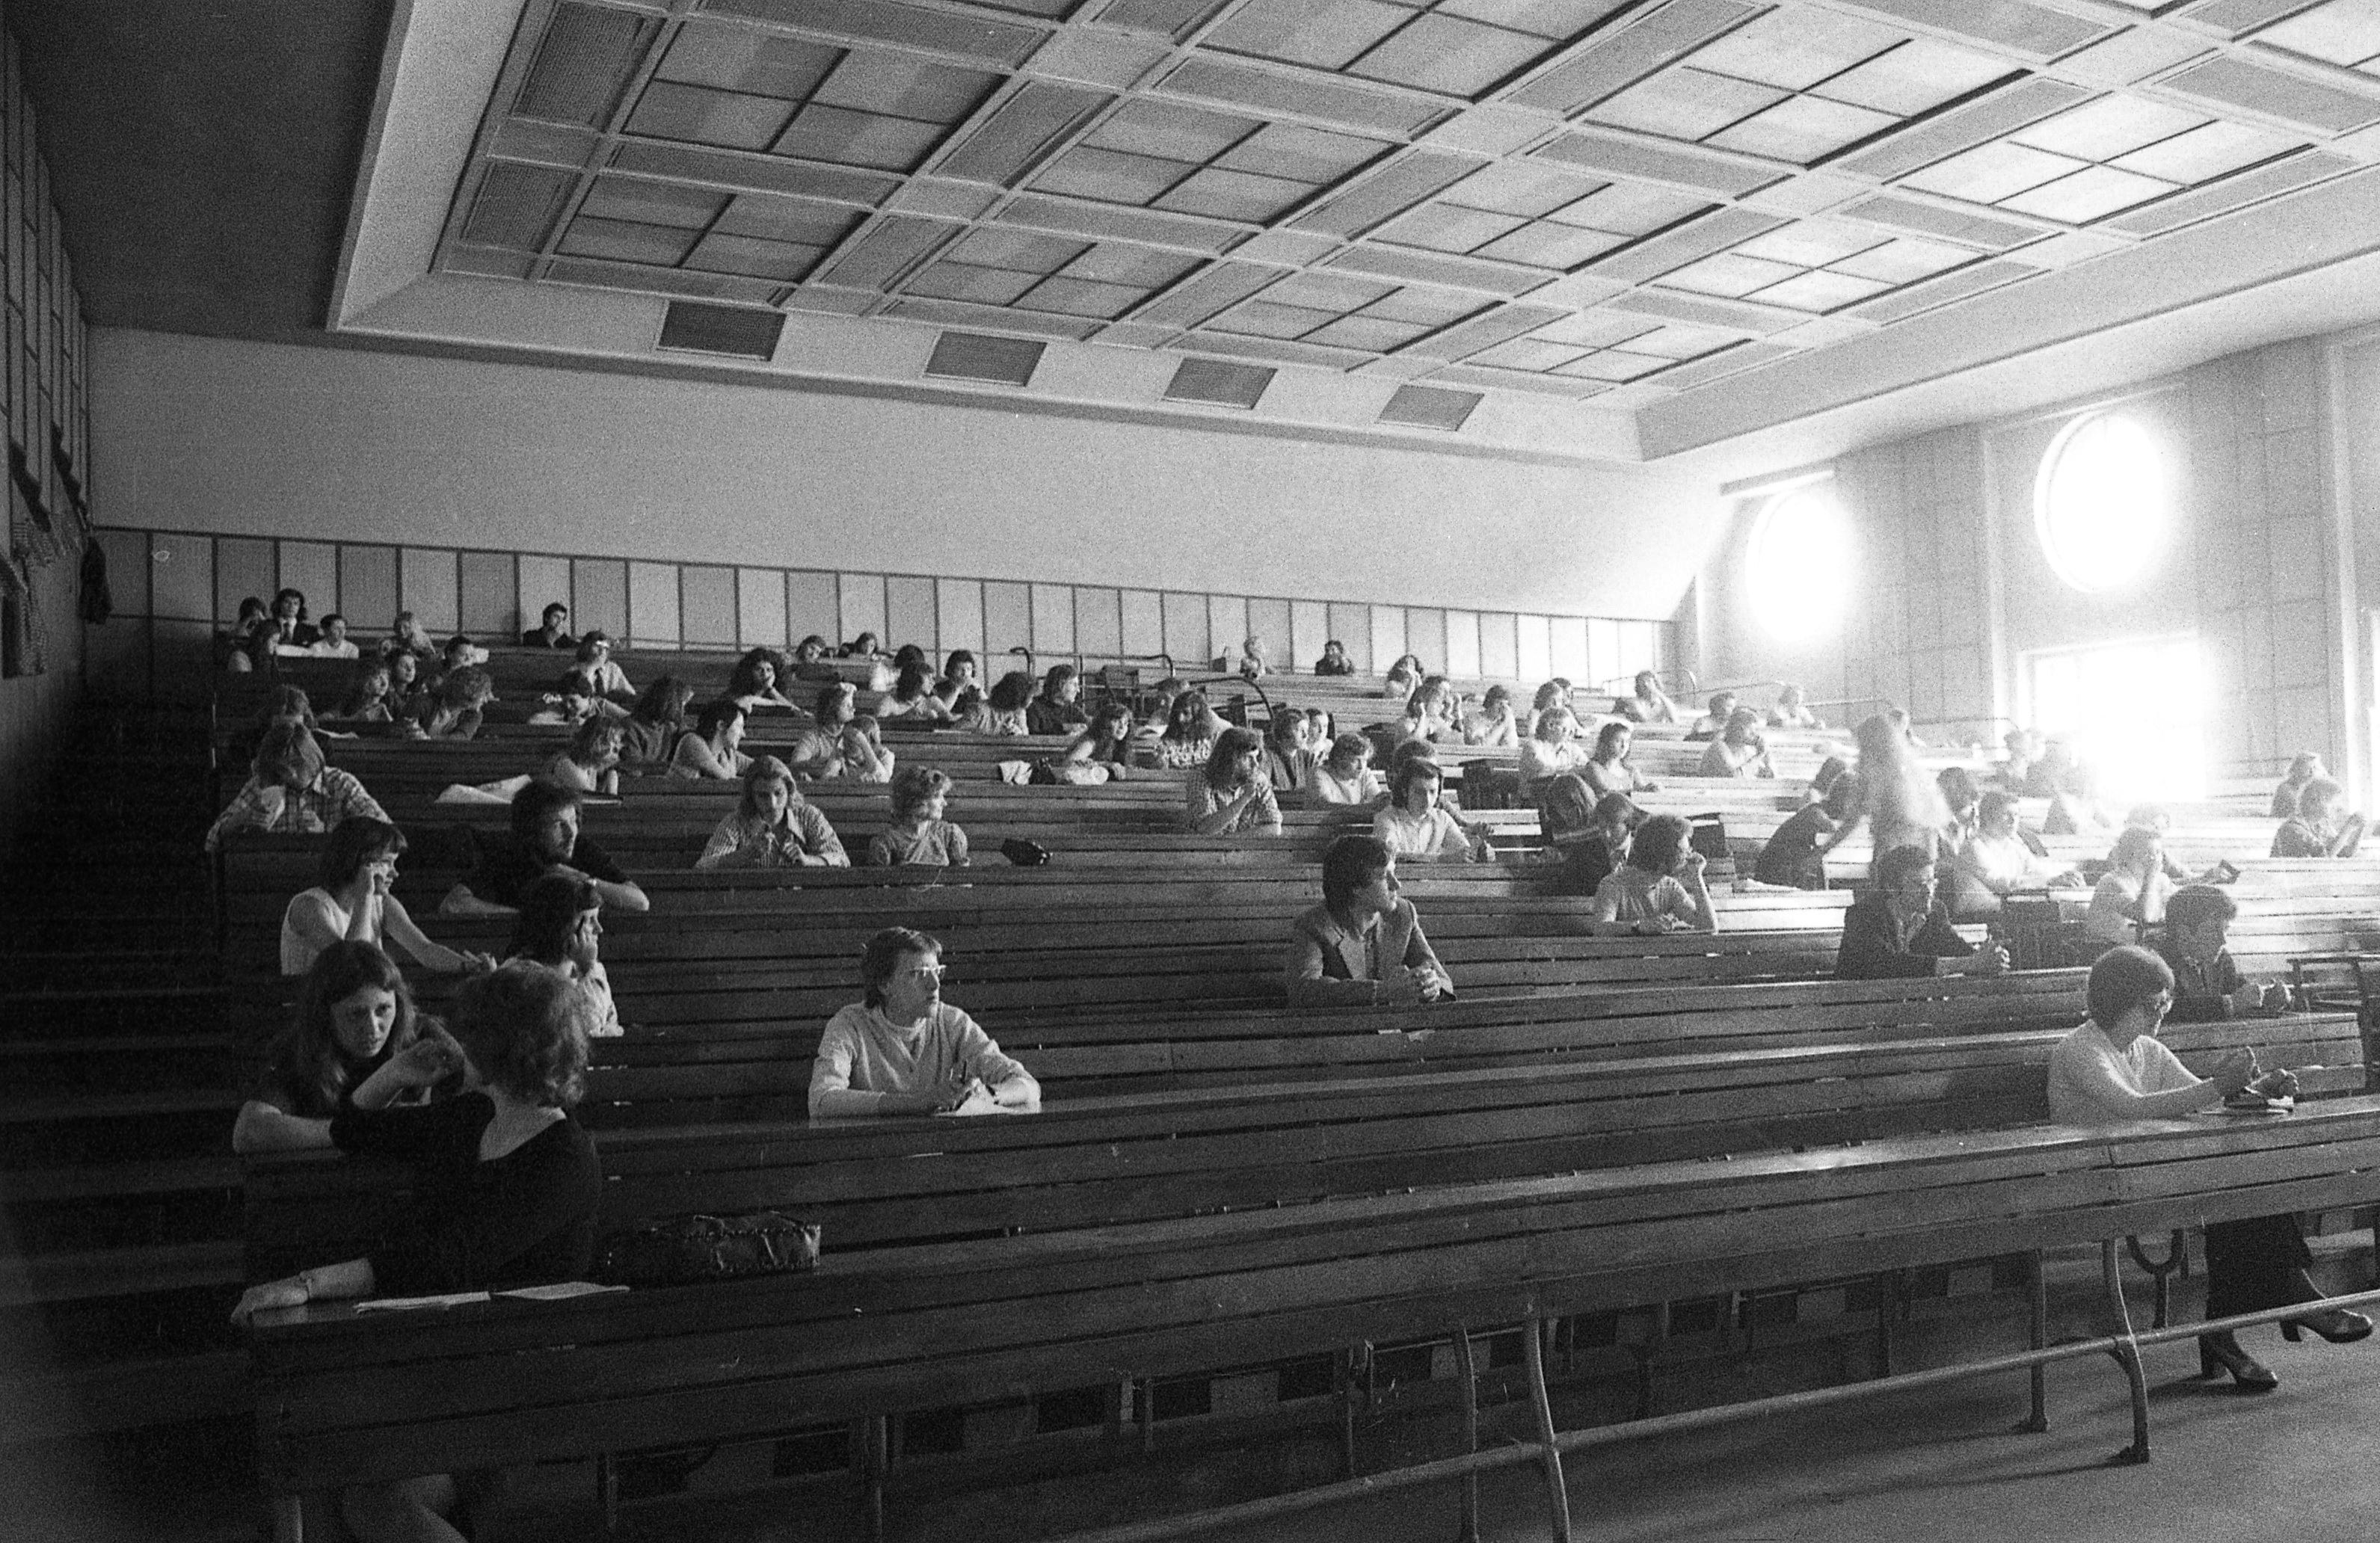 Előadóterem az Eötvös Loránd Tudományegyetemen, 1974.